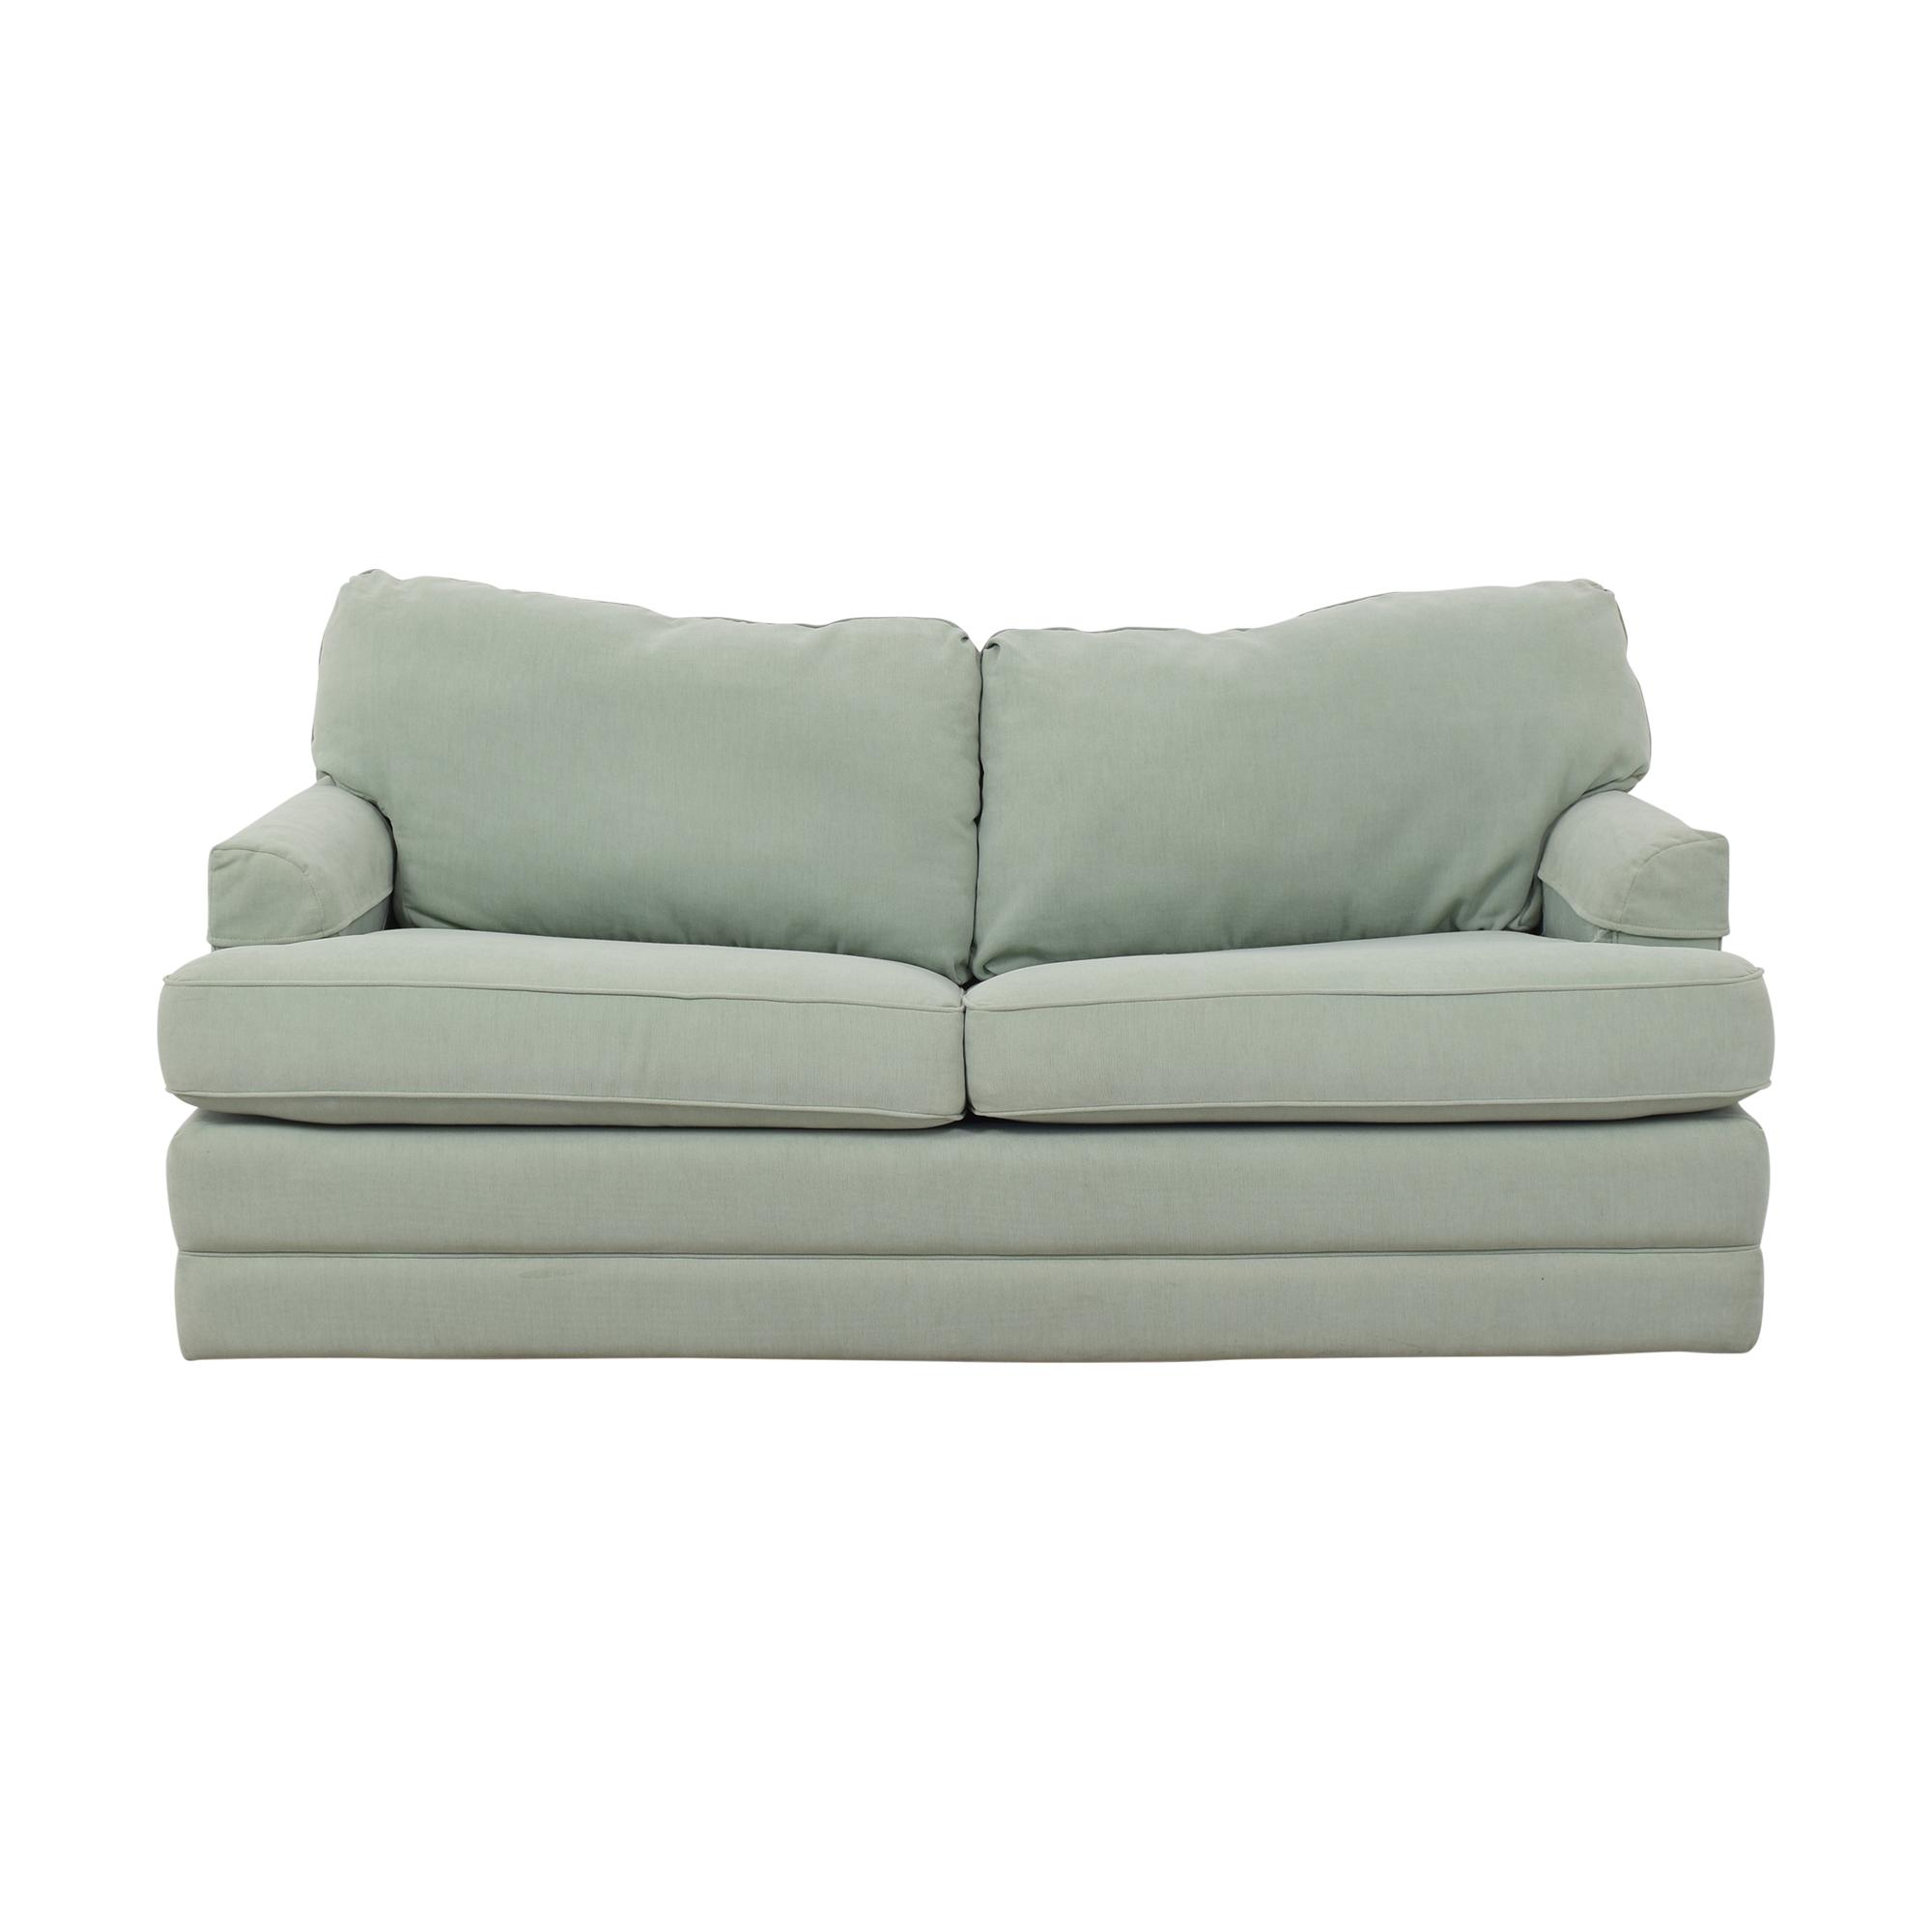 La-Z-Boy La-Z-Boy Daphne Two Cushion Sofa Bed blue